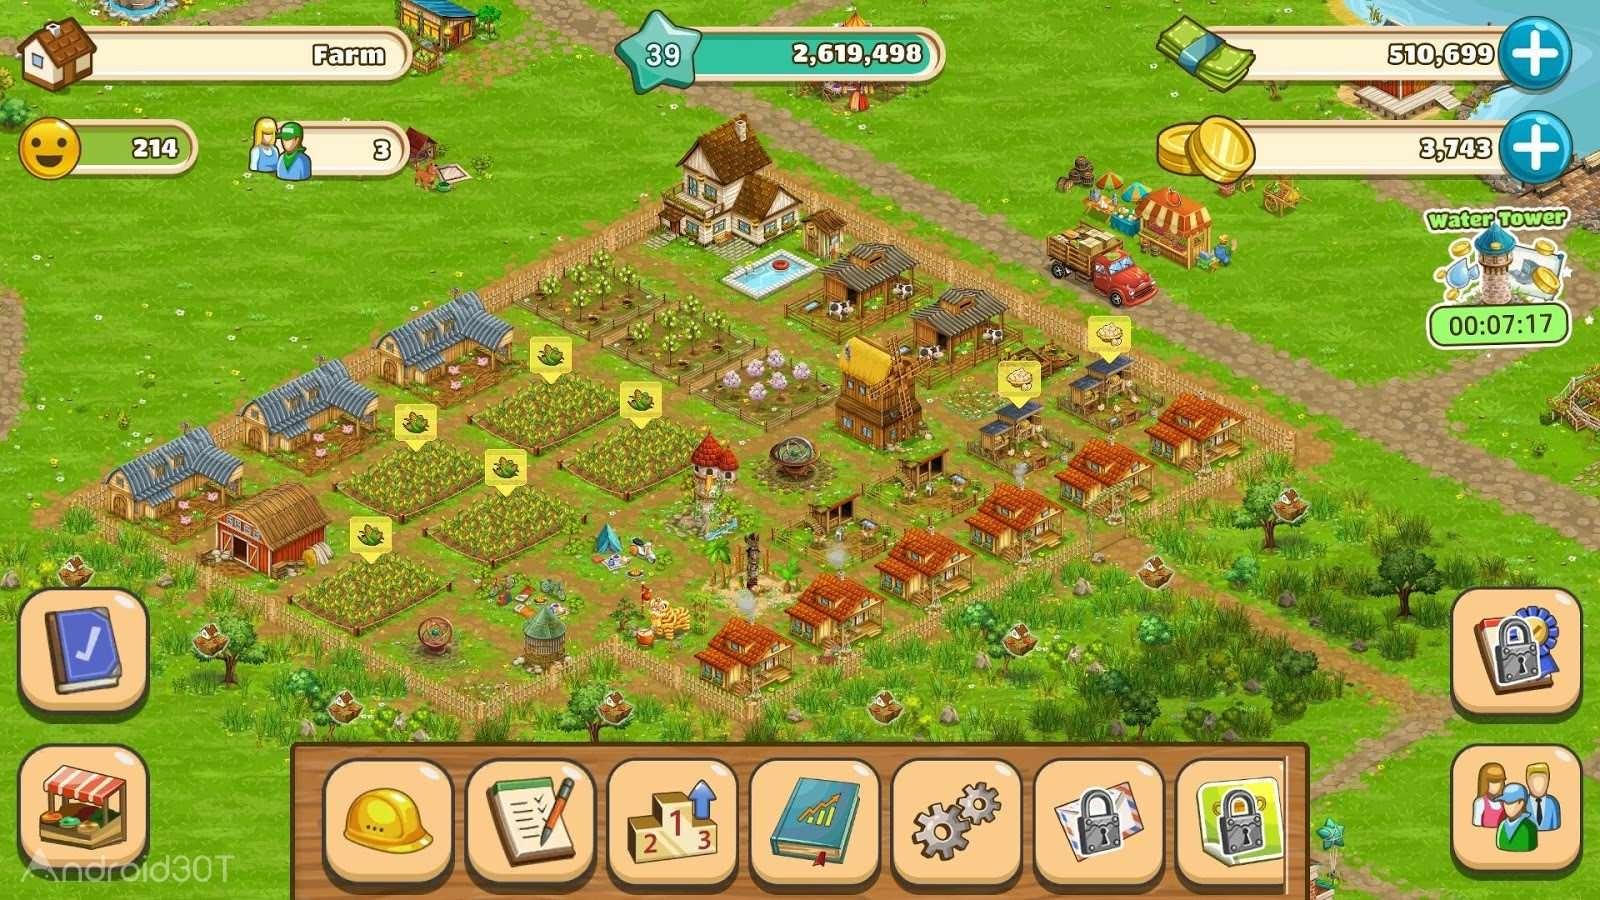 دانلود Big Farm: Mobile Harvest 4.15.15317 – بازی مزرعه داری برای اندروید